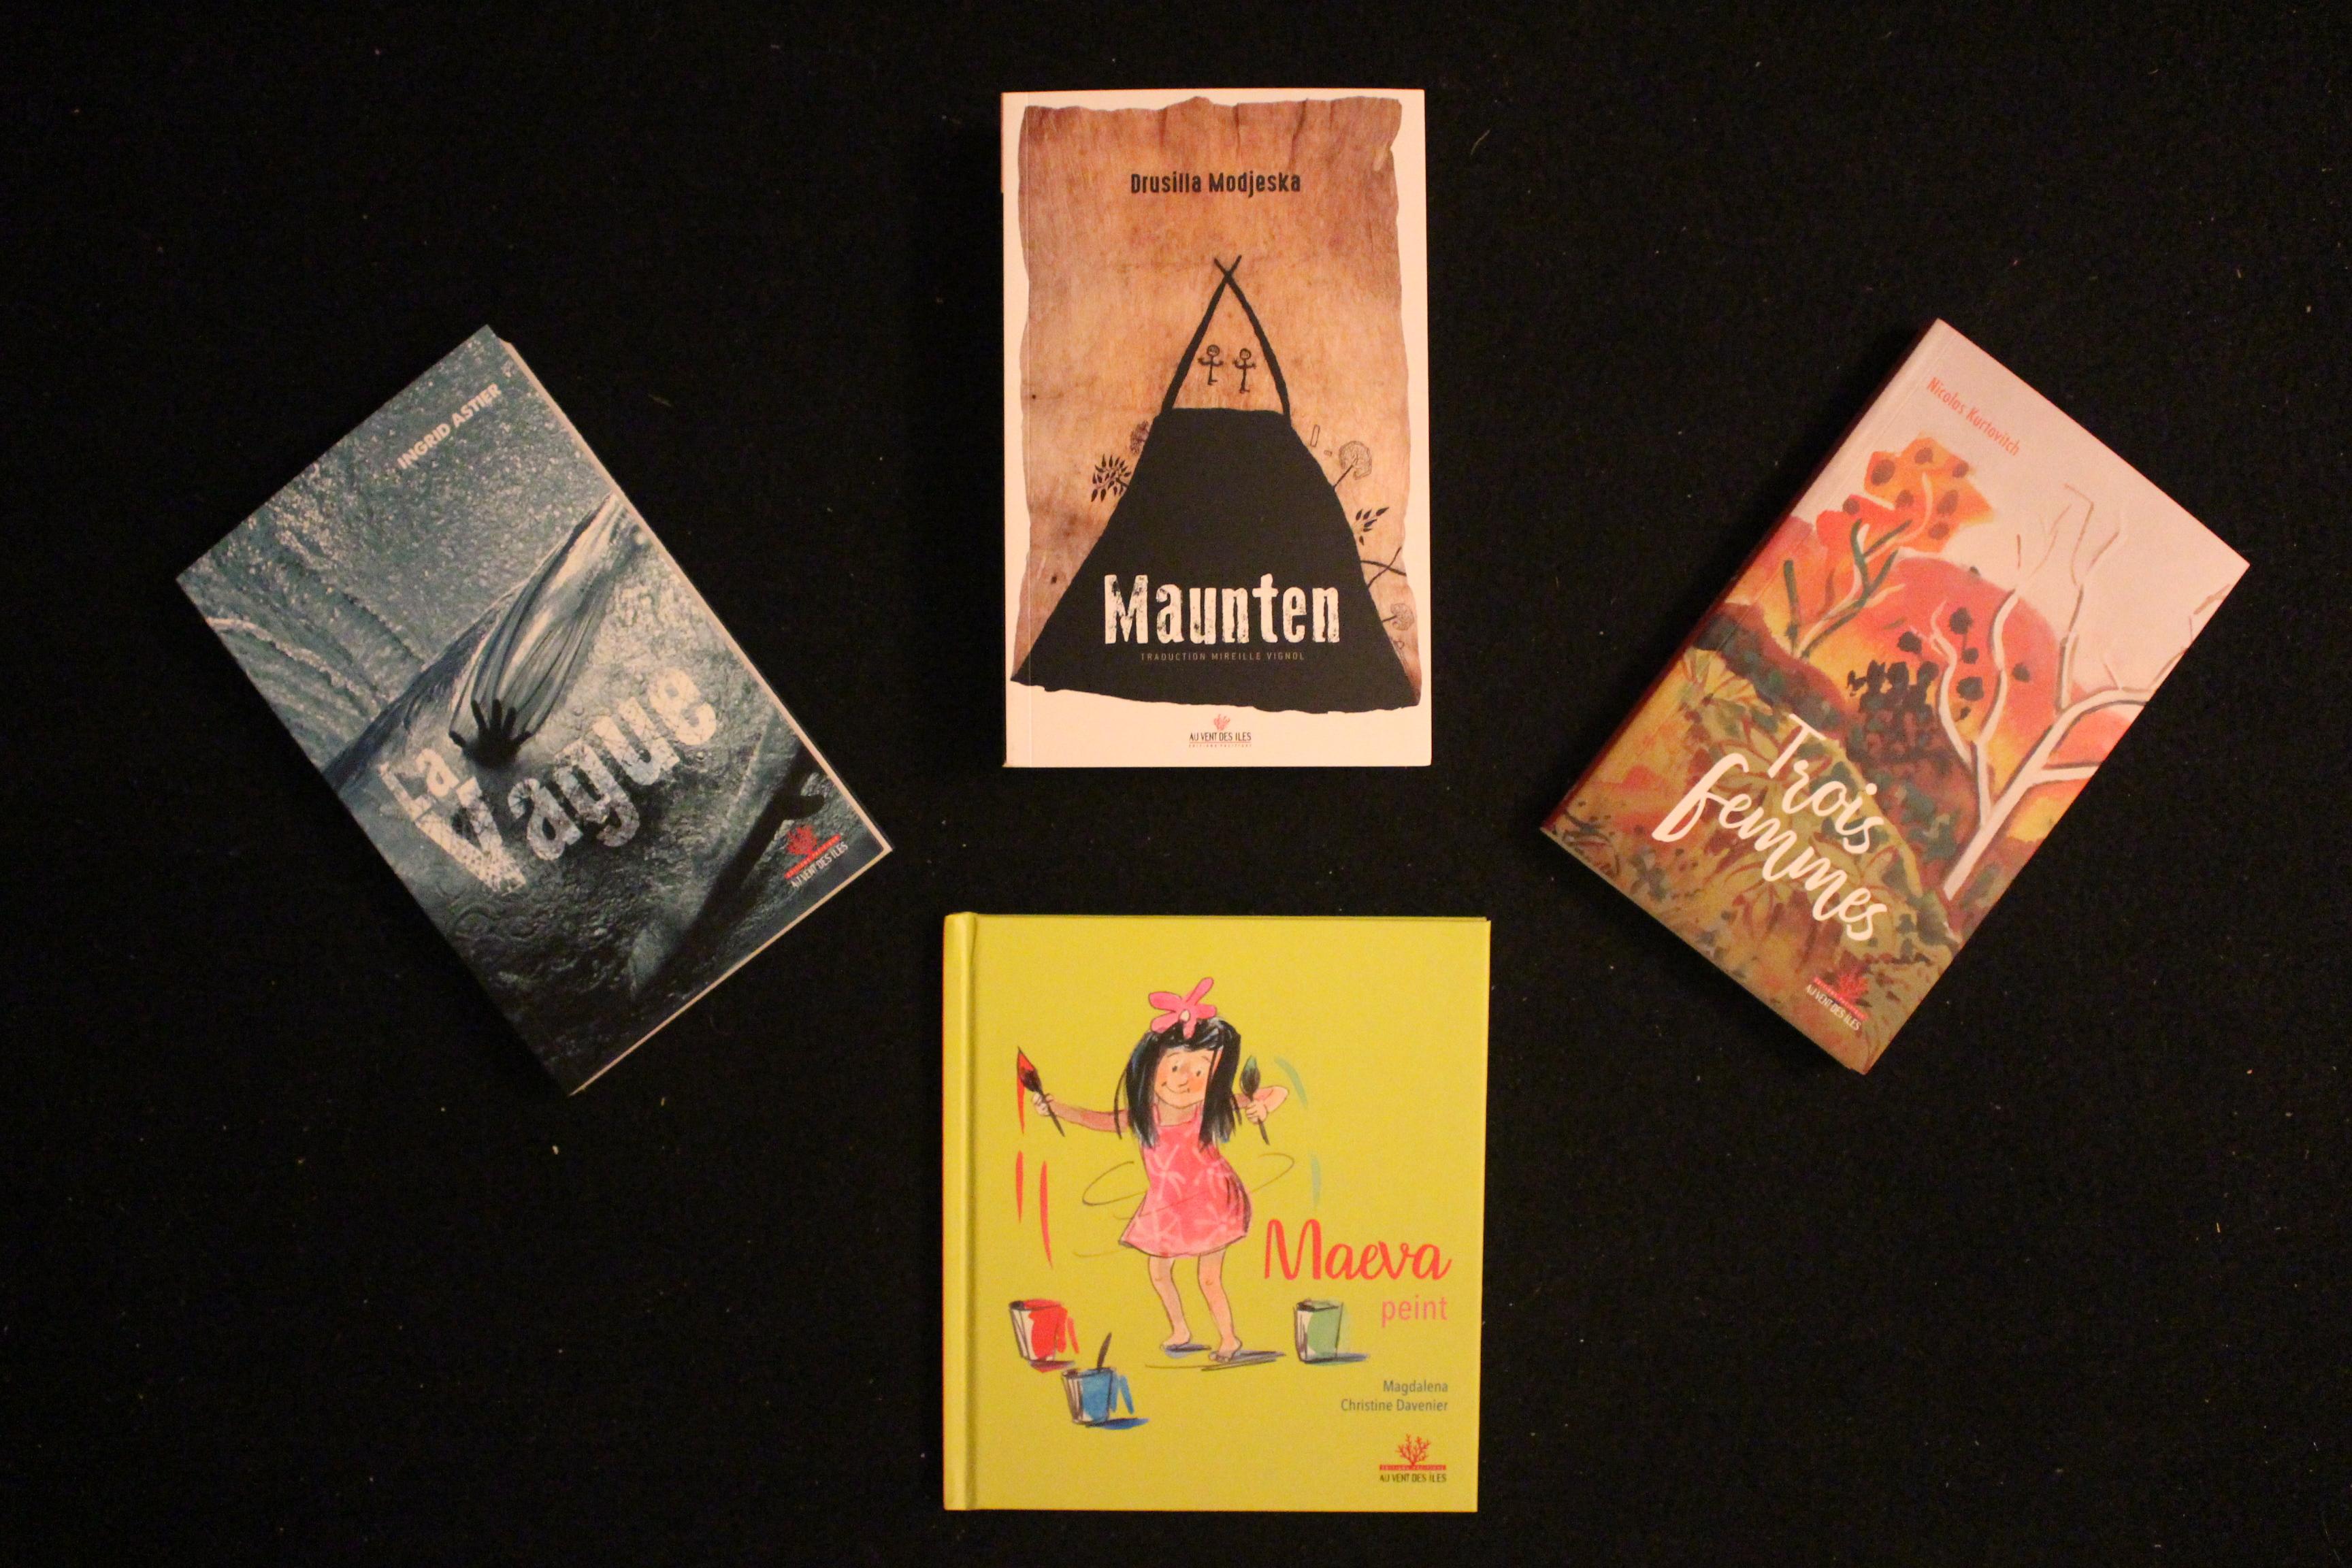 Rentrée littéraire Au Vent des îles : roman, recueil, album jeunesse